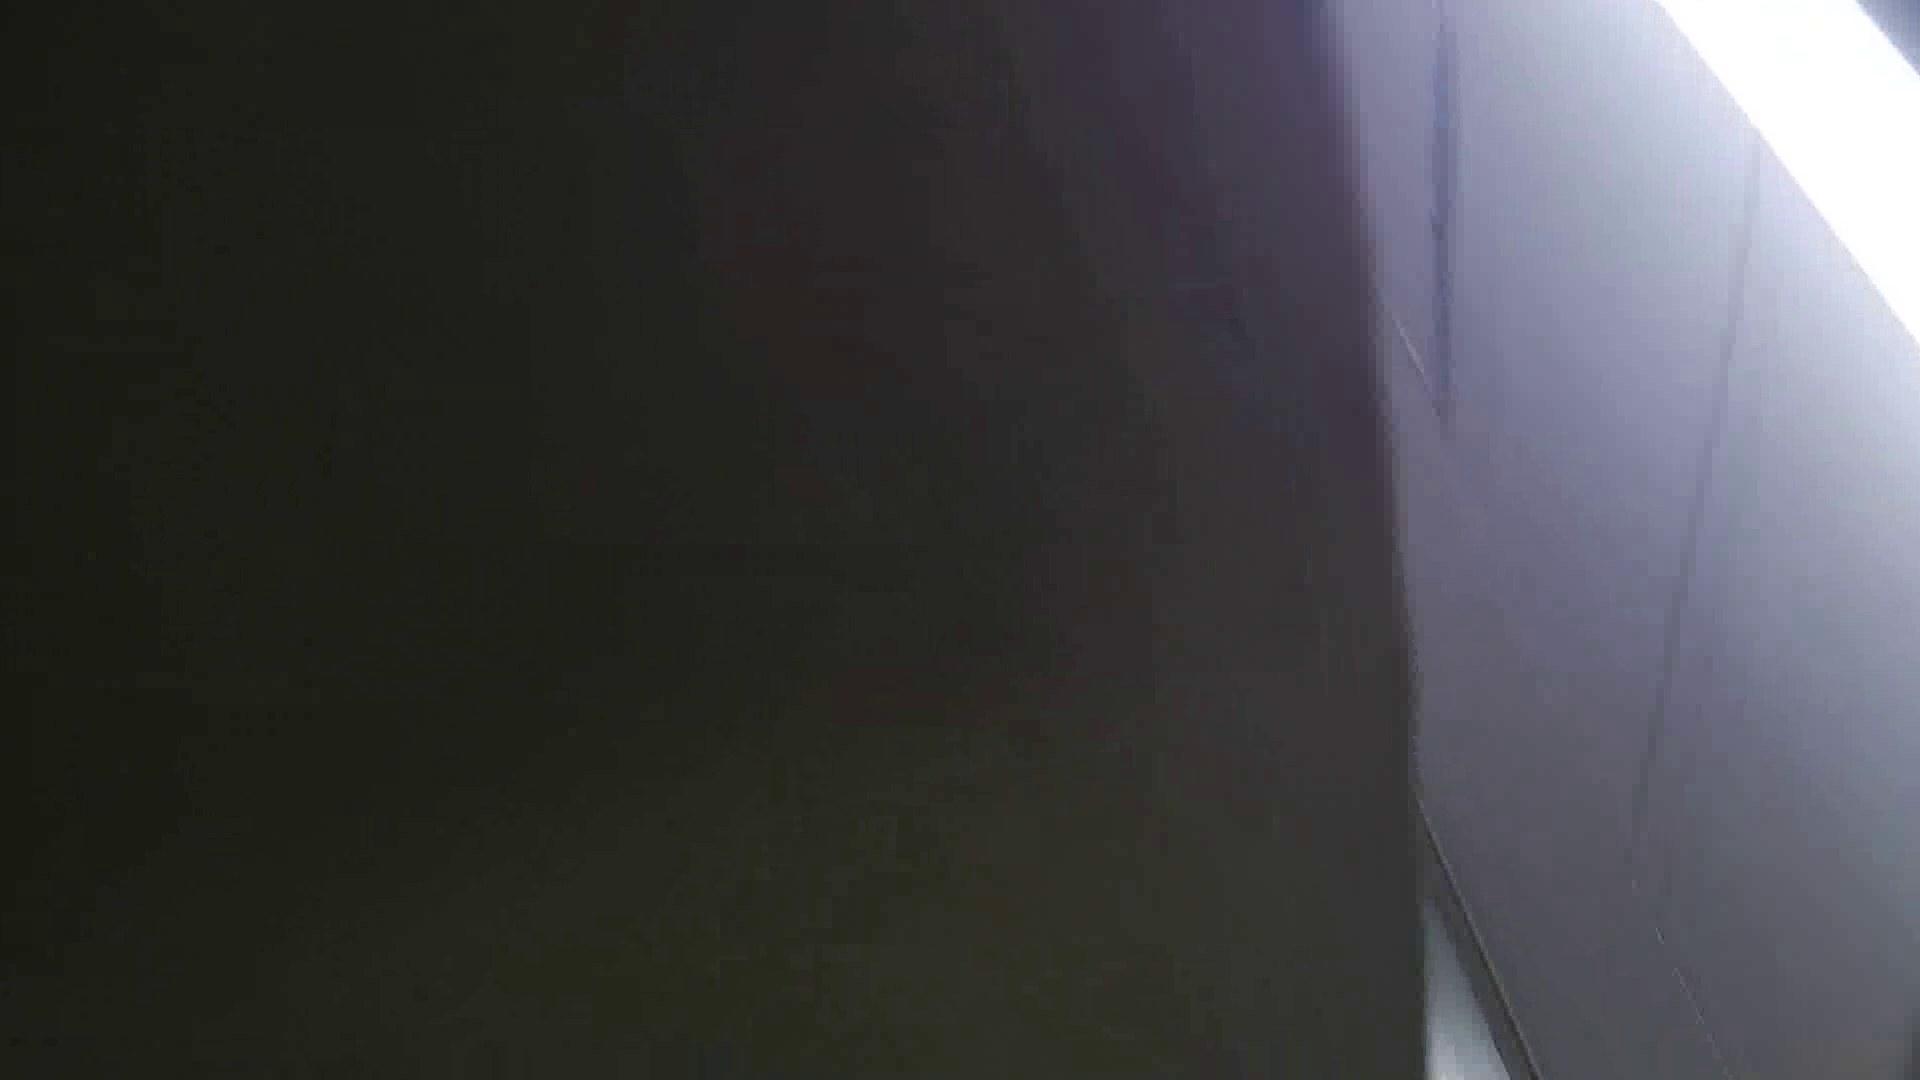 【美しき個室な世界】 vol.018 ピンクのおネエタン 洗面所  82pic 37